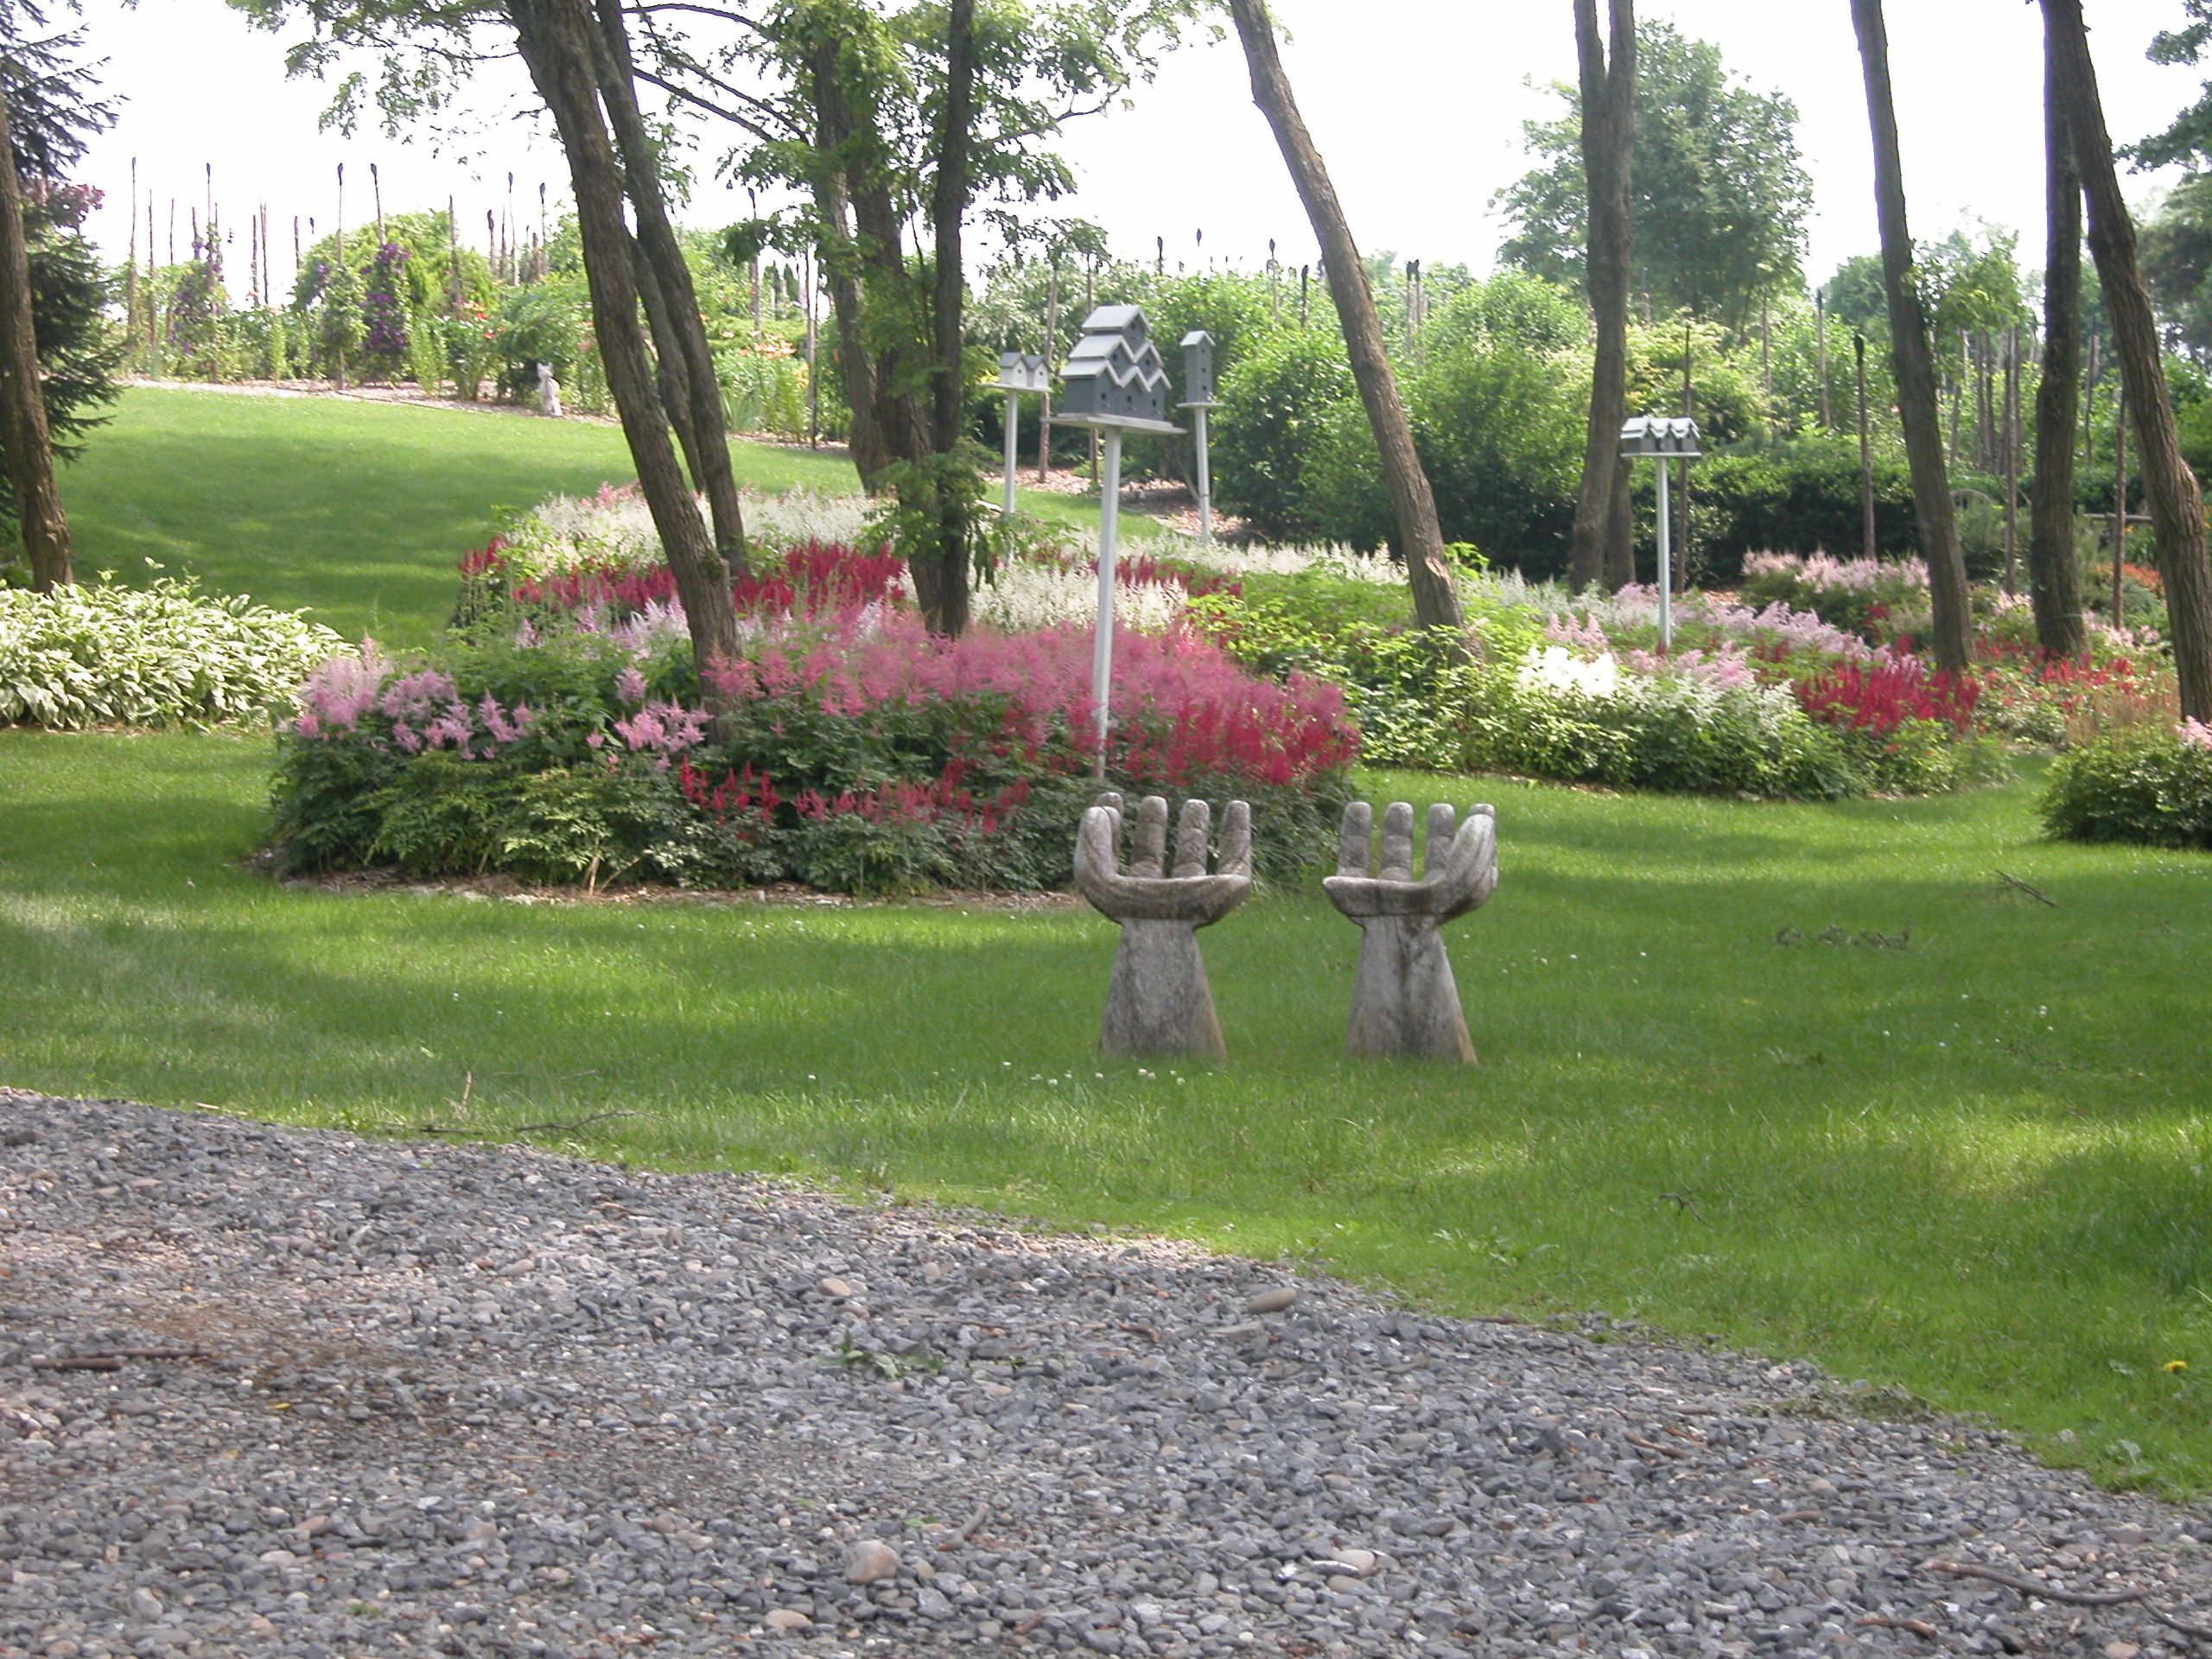 Asientos de jardín para diversión y fantasía